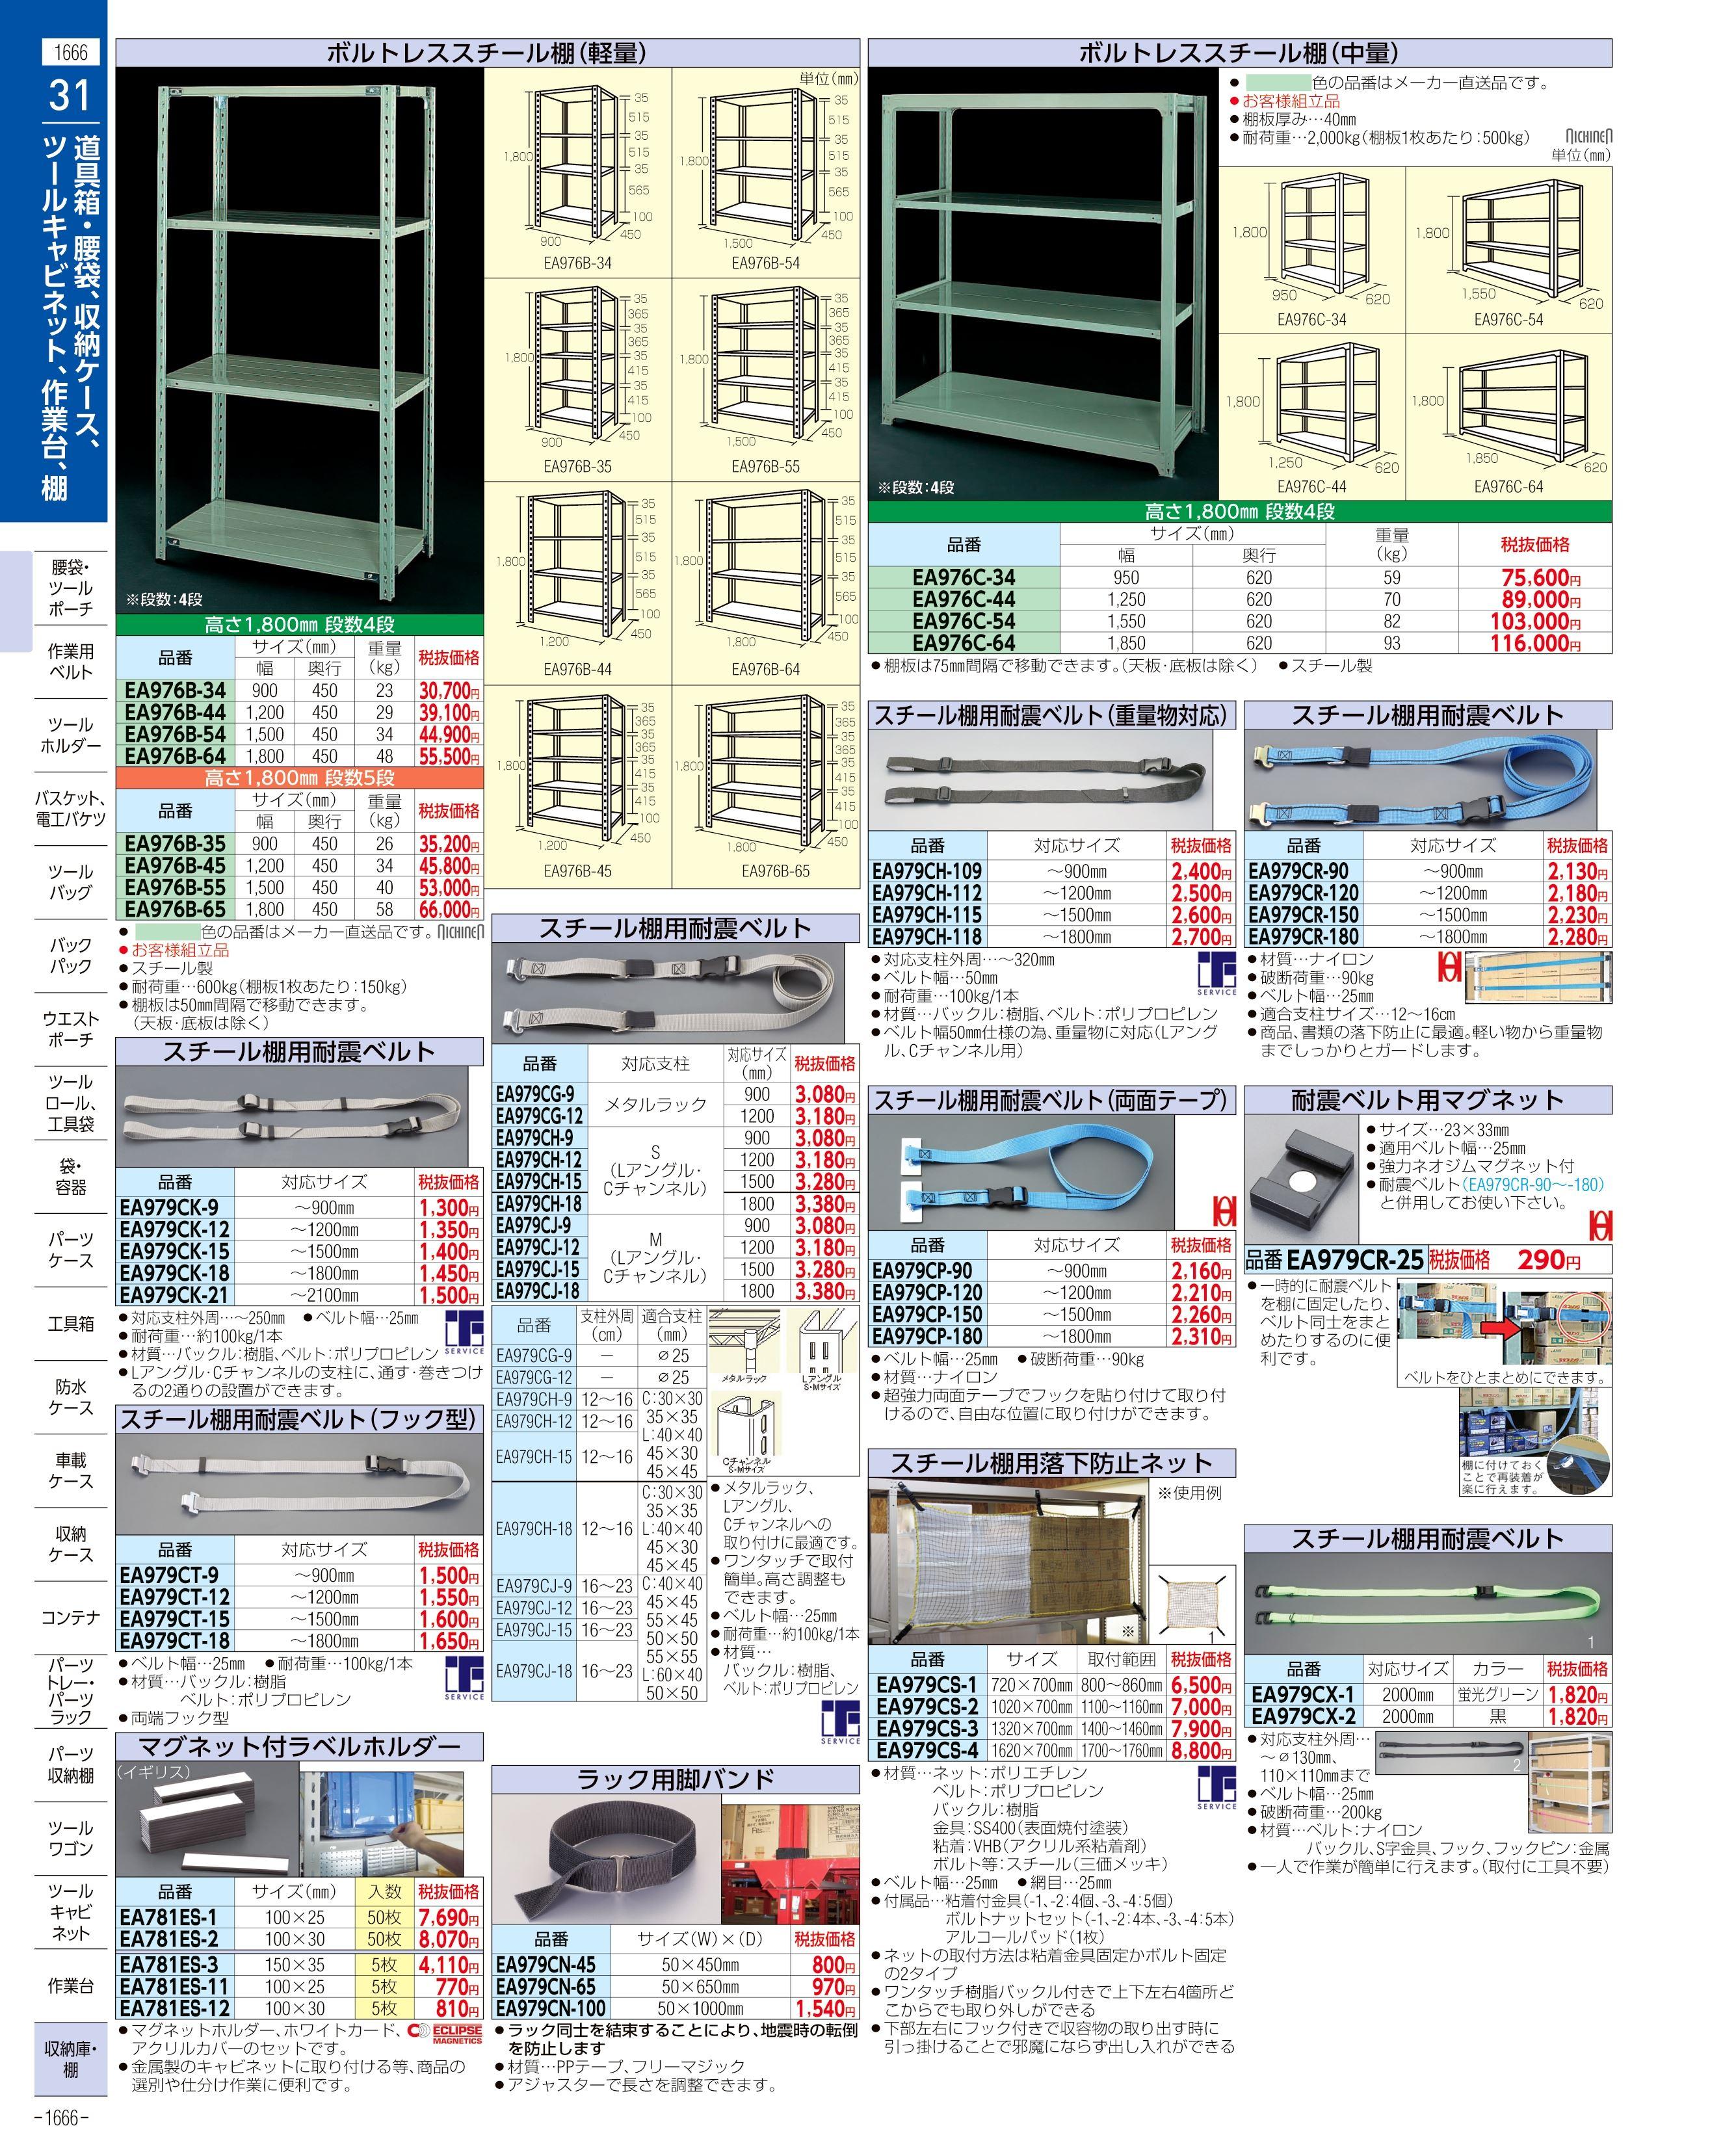 エスコ便利カタログ1666ページ